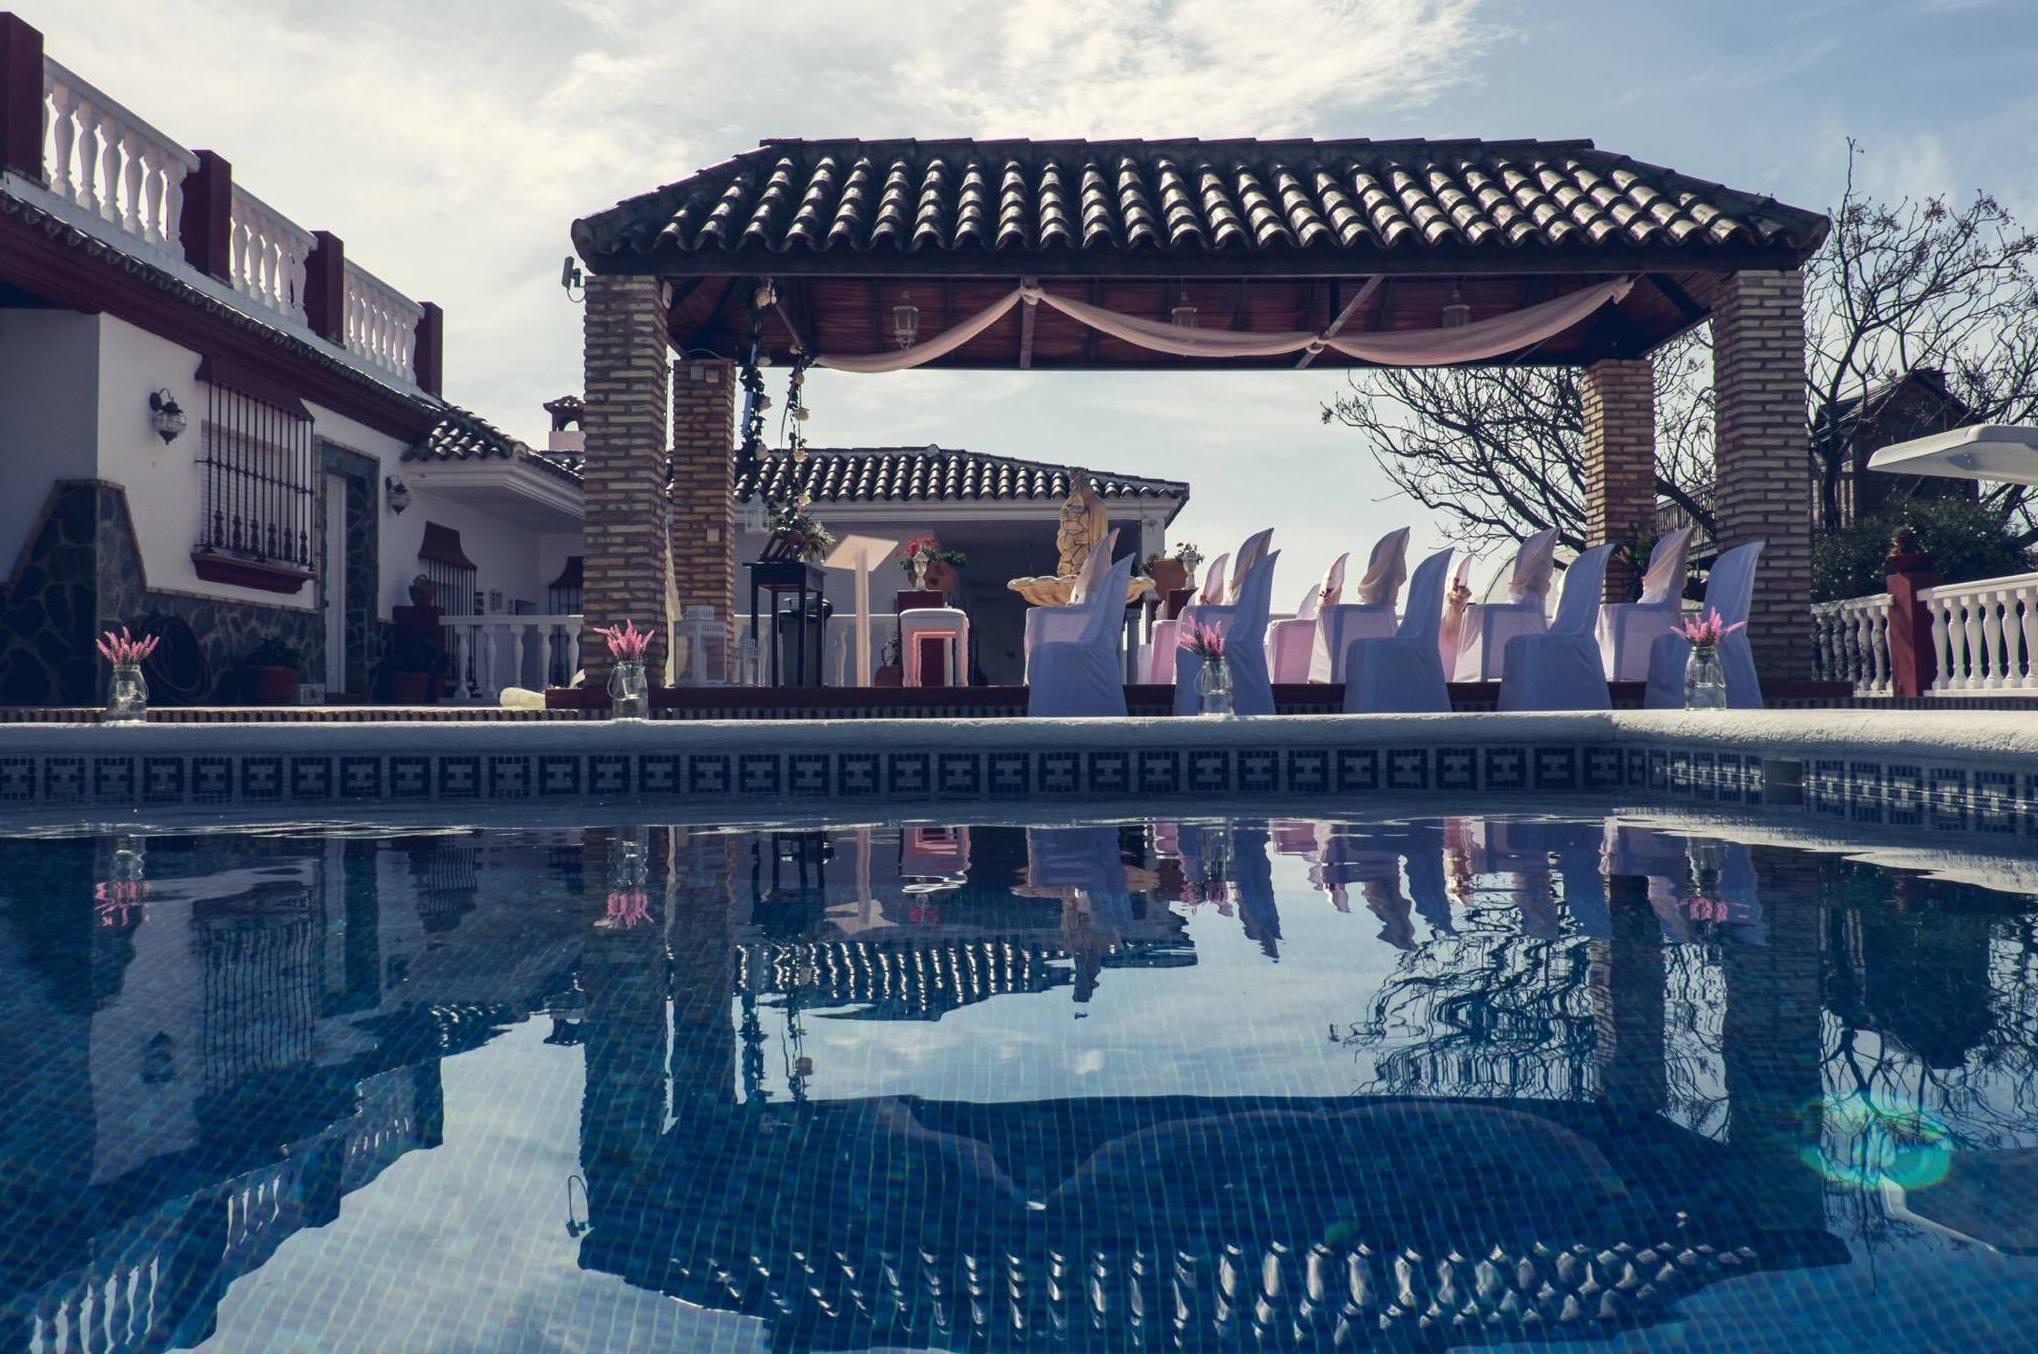 Foto 11 de Alquiler de sillas, mesas y menaje en Jerez de la Frontera | Jedal Alquileres